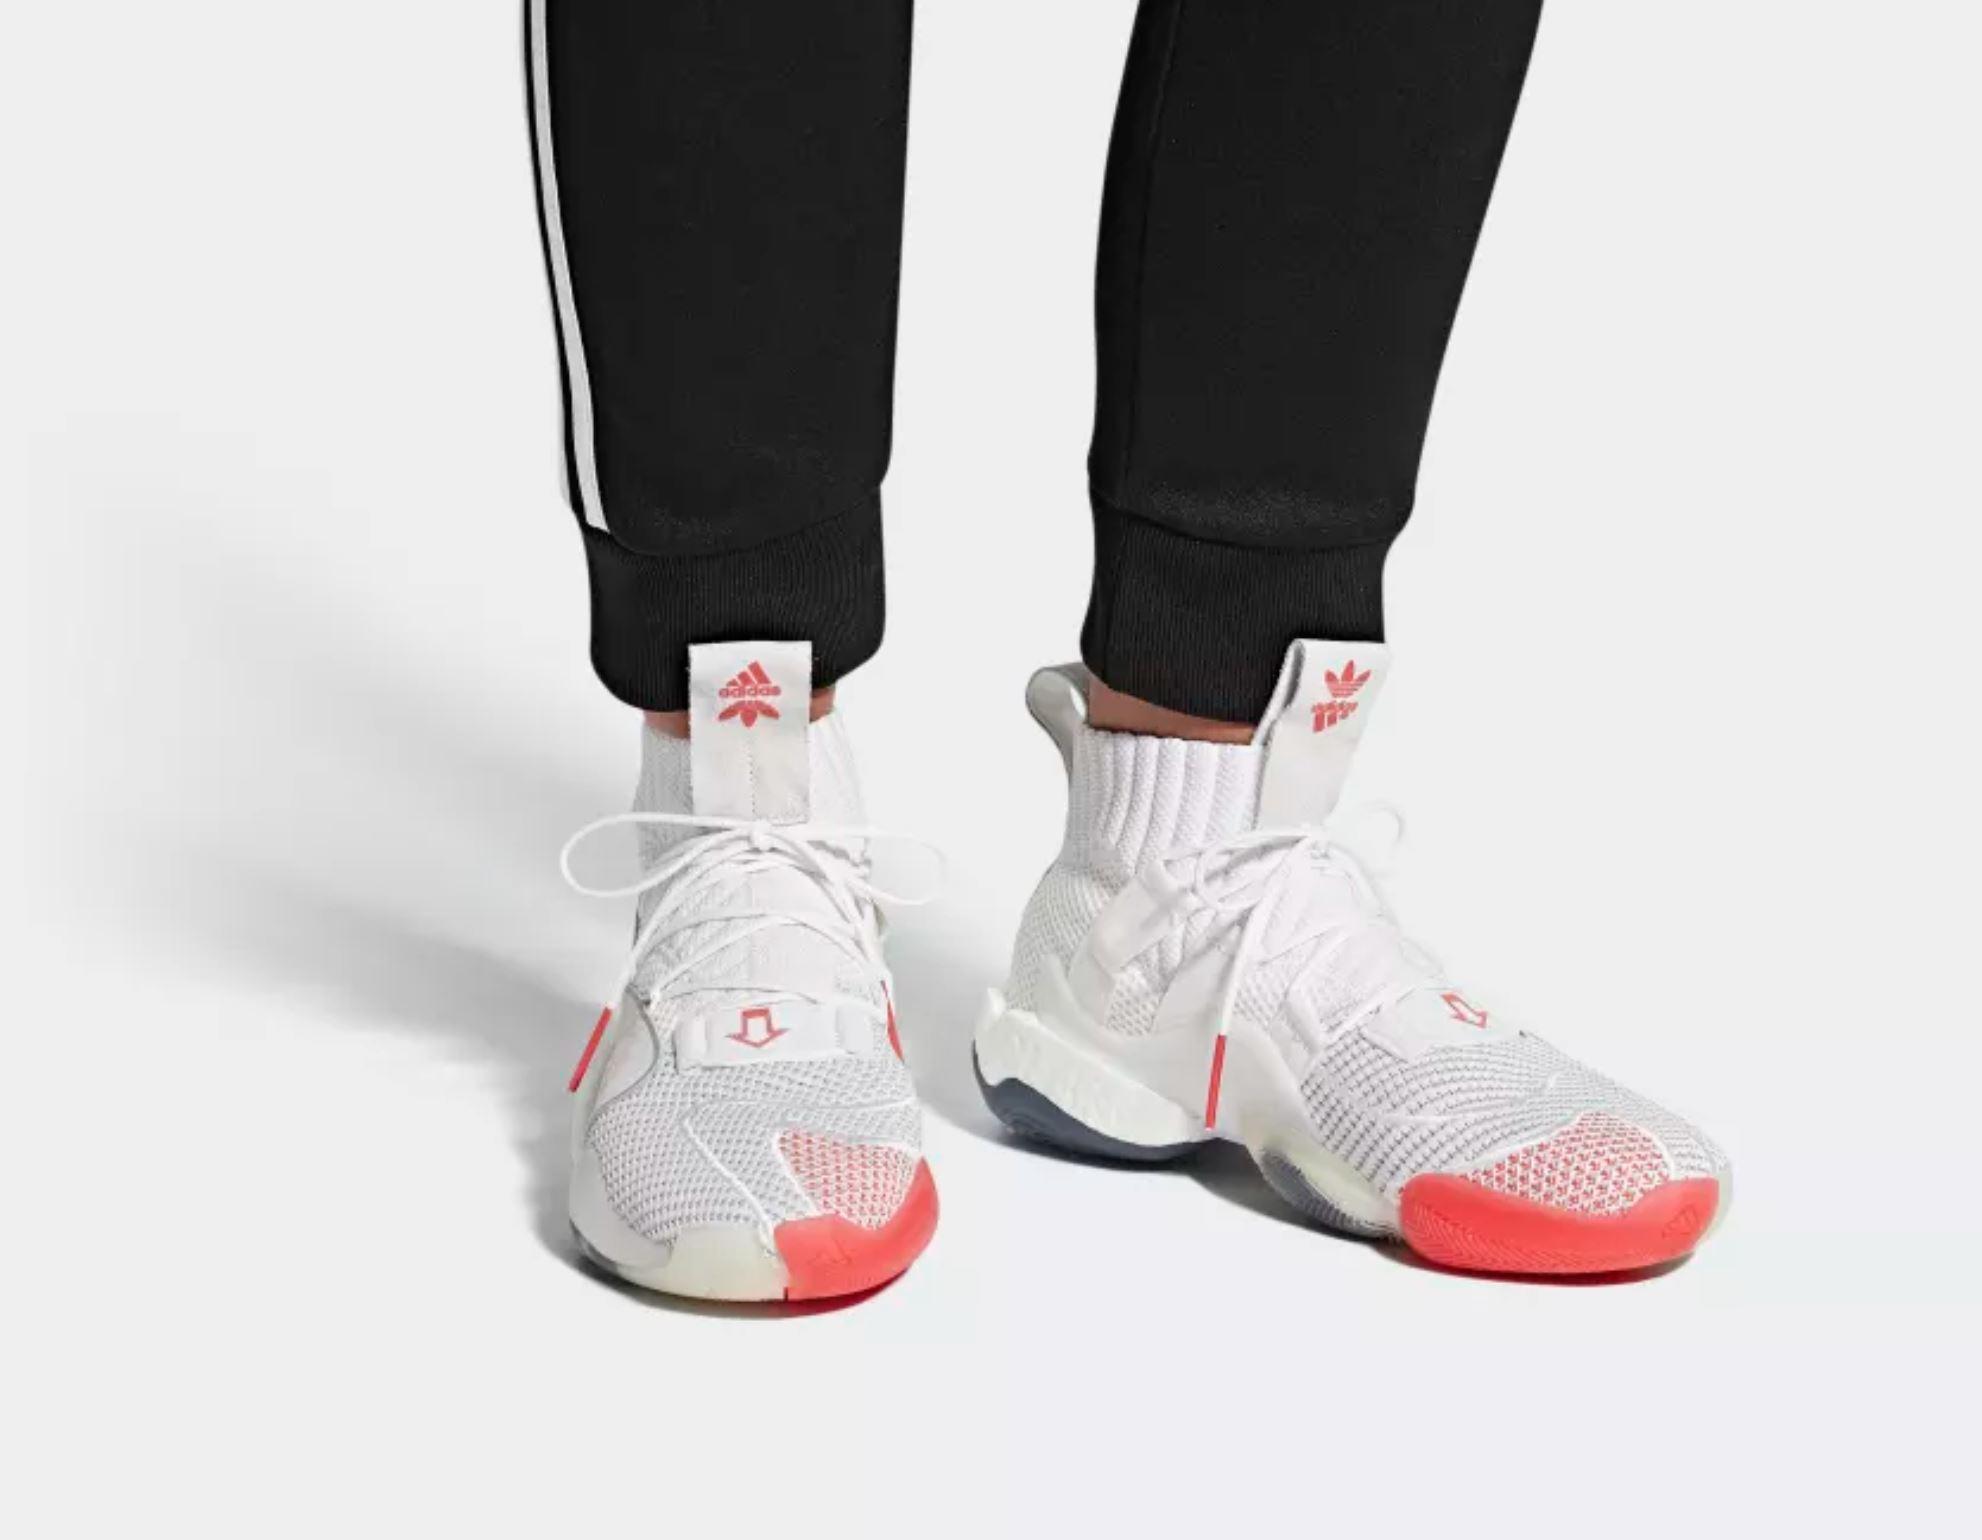 adidas crazy byw X daniel arsham on foot